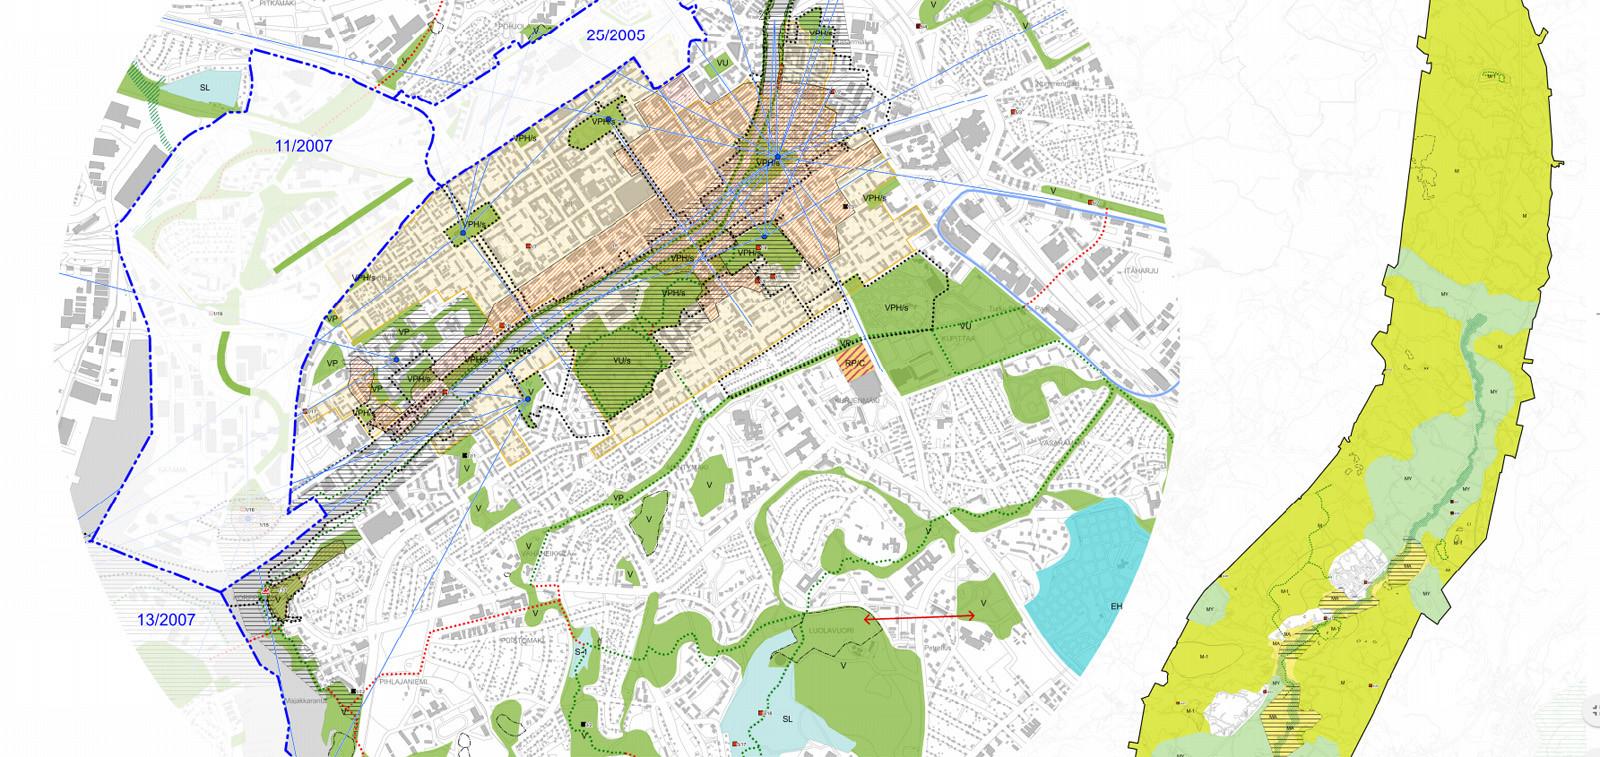 Karttakuvakaappaus yleiskaavaluonnoksesta. Kartta kuvaa Turkua.